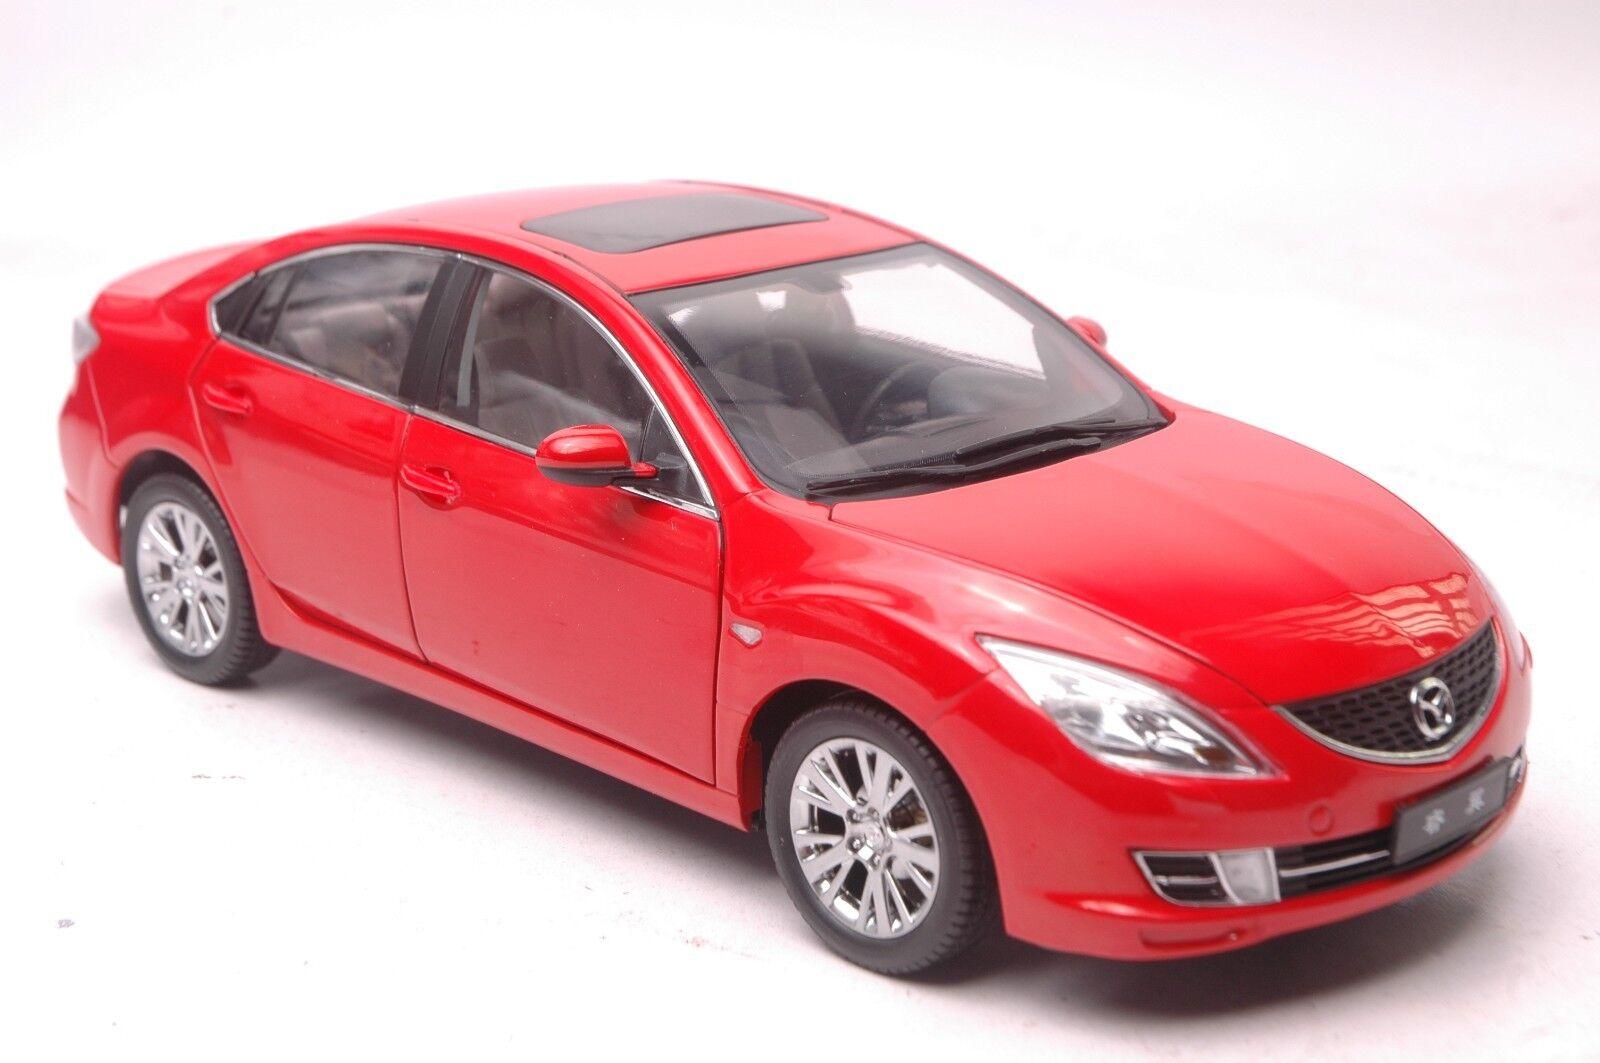 tienda en linea Mazda 6 coche modelo en en en escala 1 18 Rojo  Entrega directa y rápida de fábrica